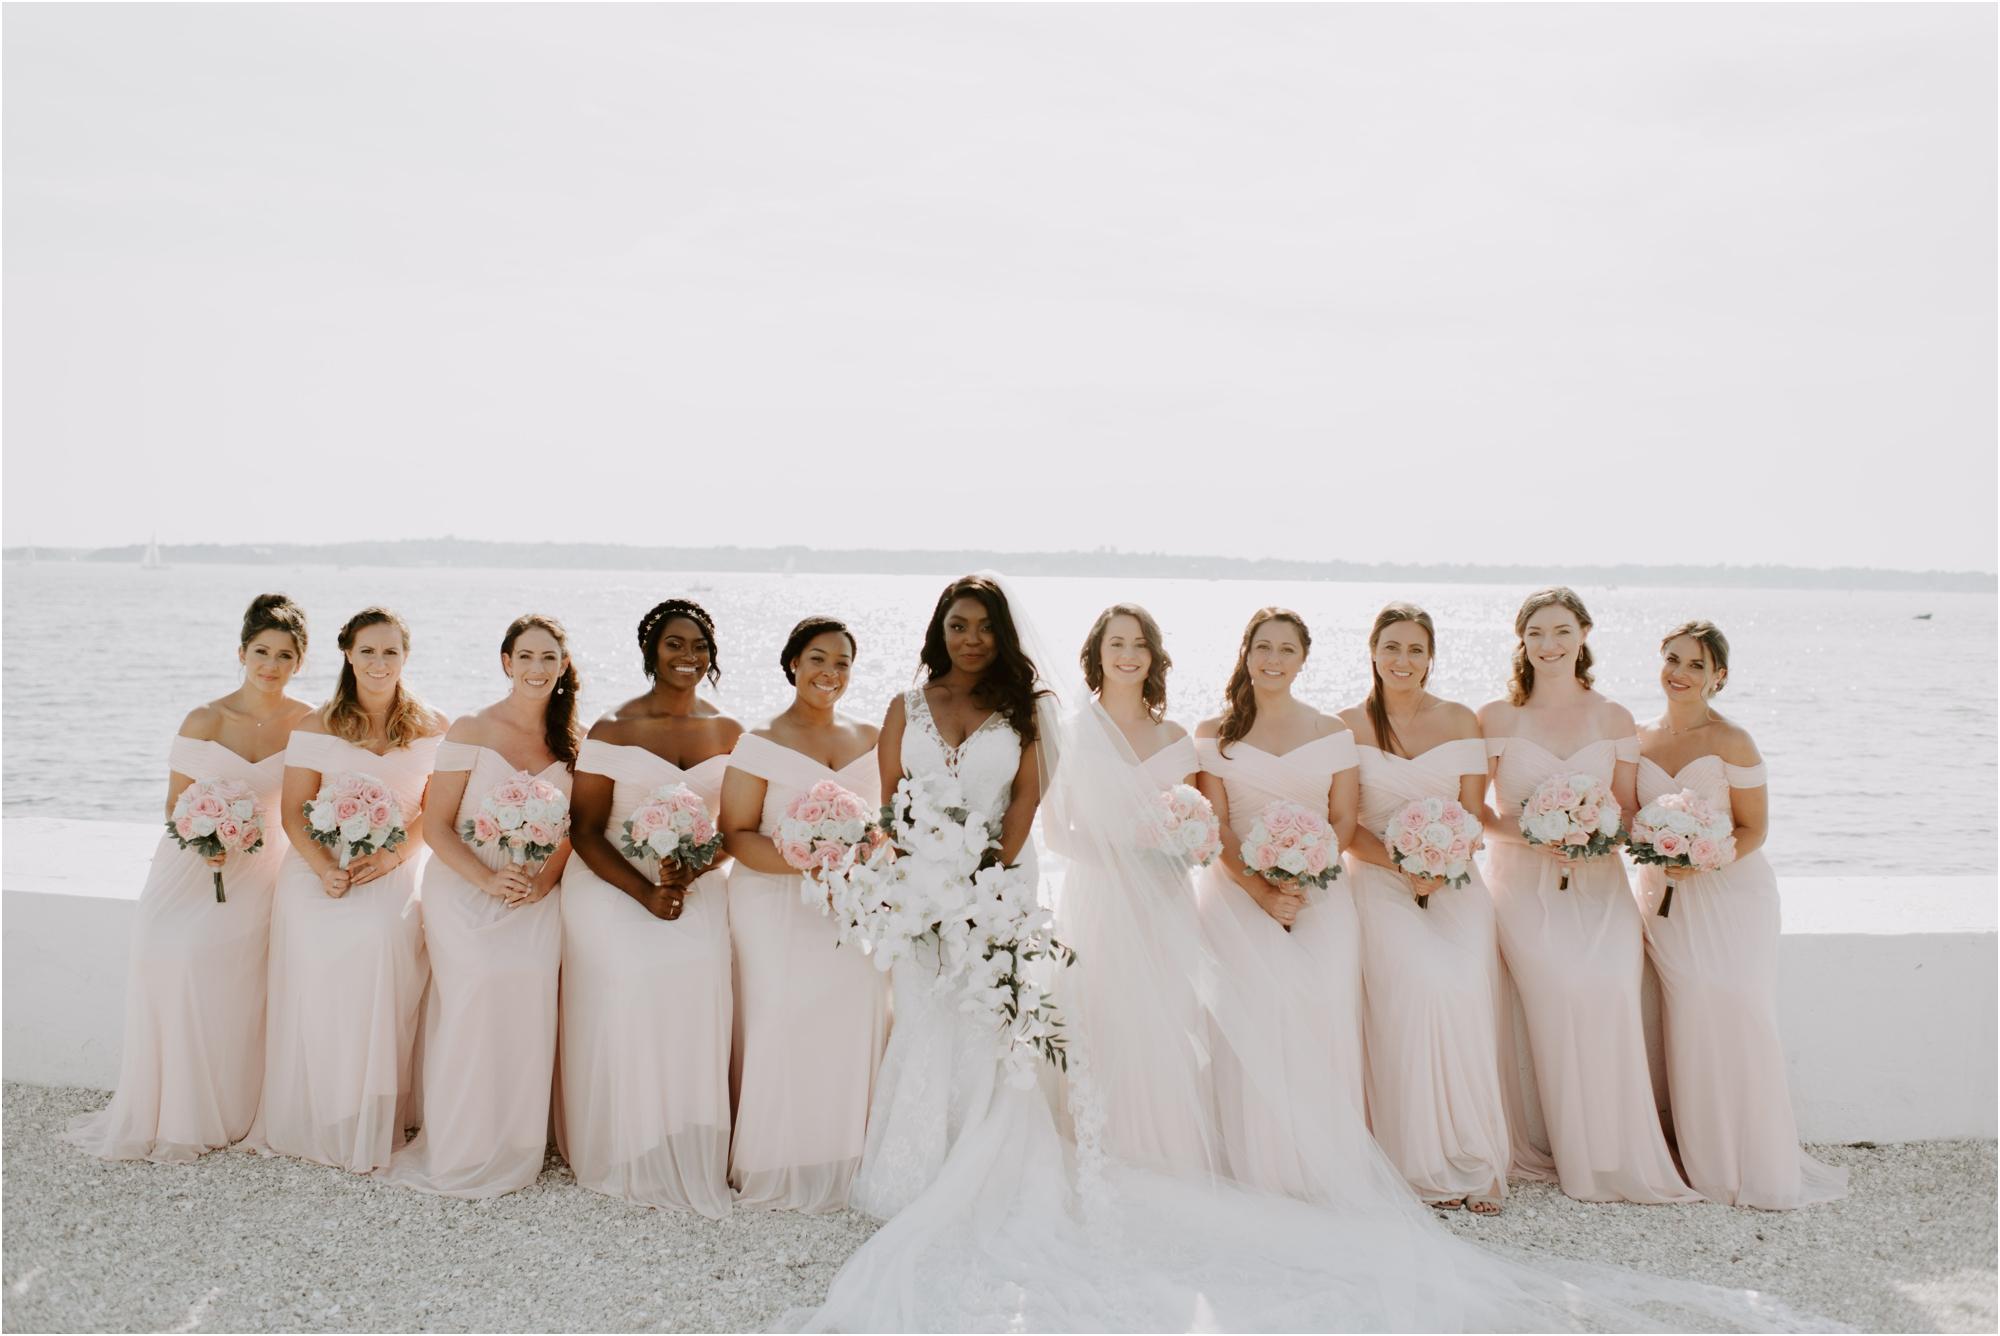 JANELLEANDJULIAN-wedding-madelinerosephotographyco_0030.jpg